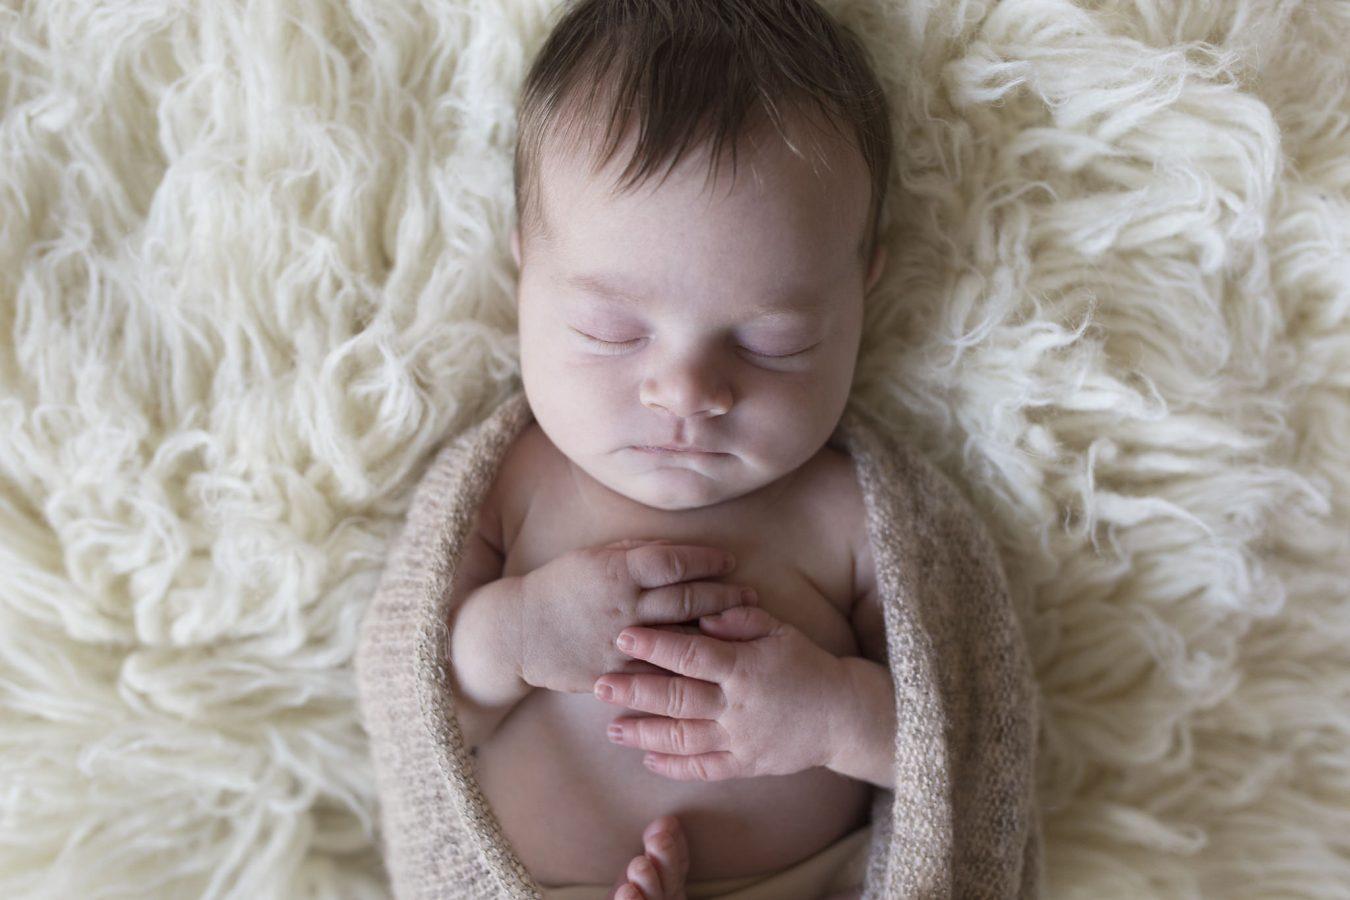 Babyfotografie Hamburg - das kleine Mädchen schläft ruhig auf einem Flokati